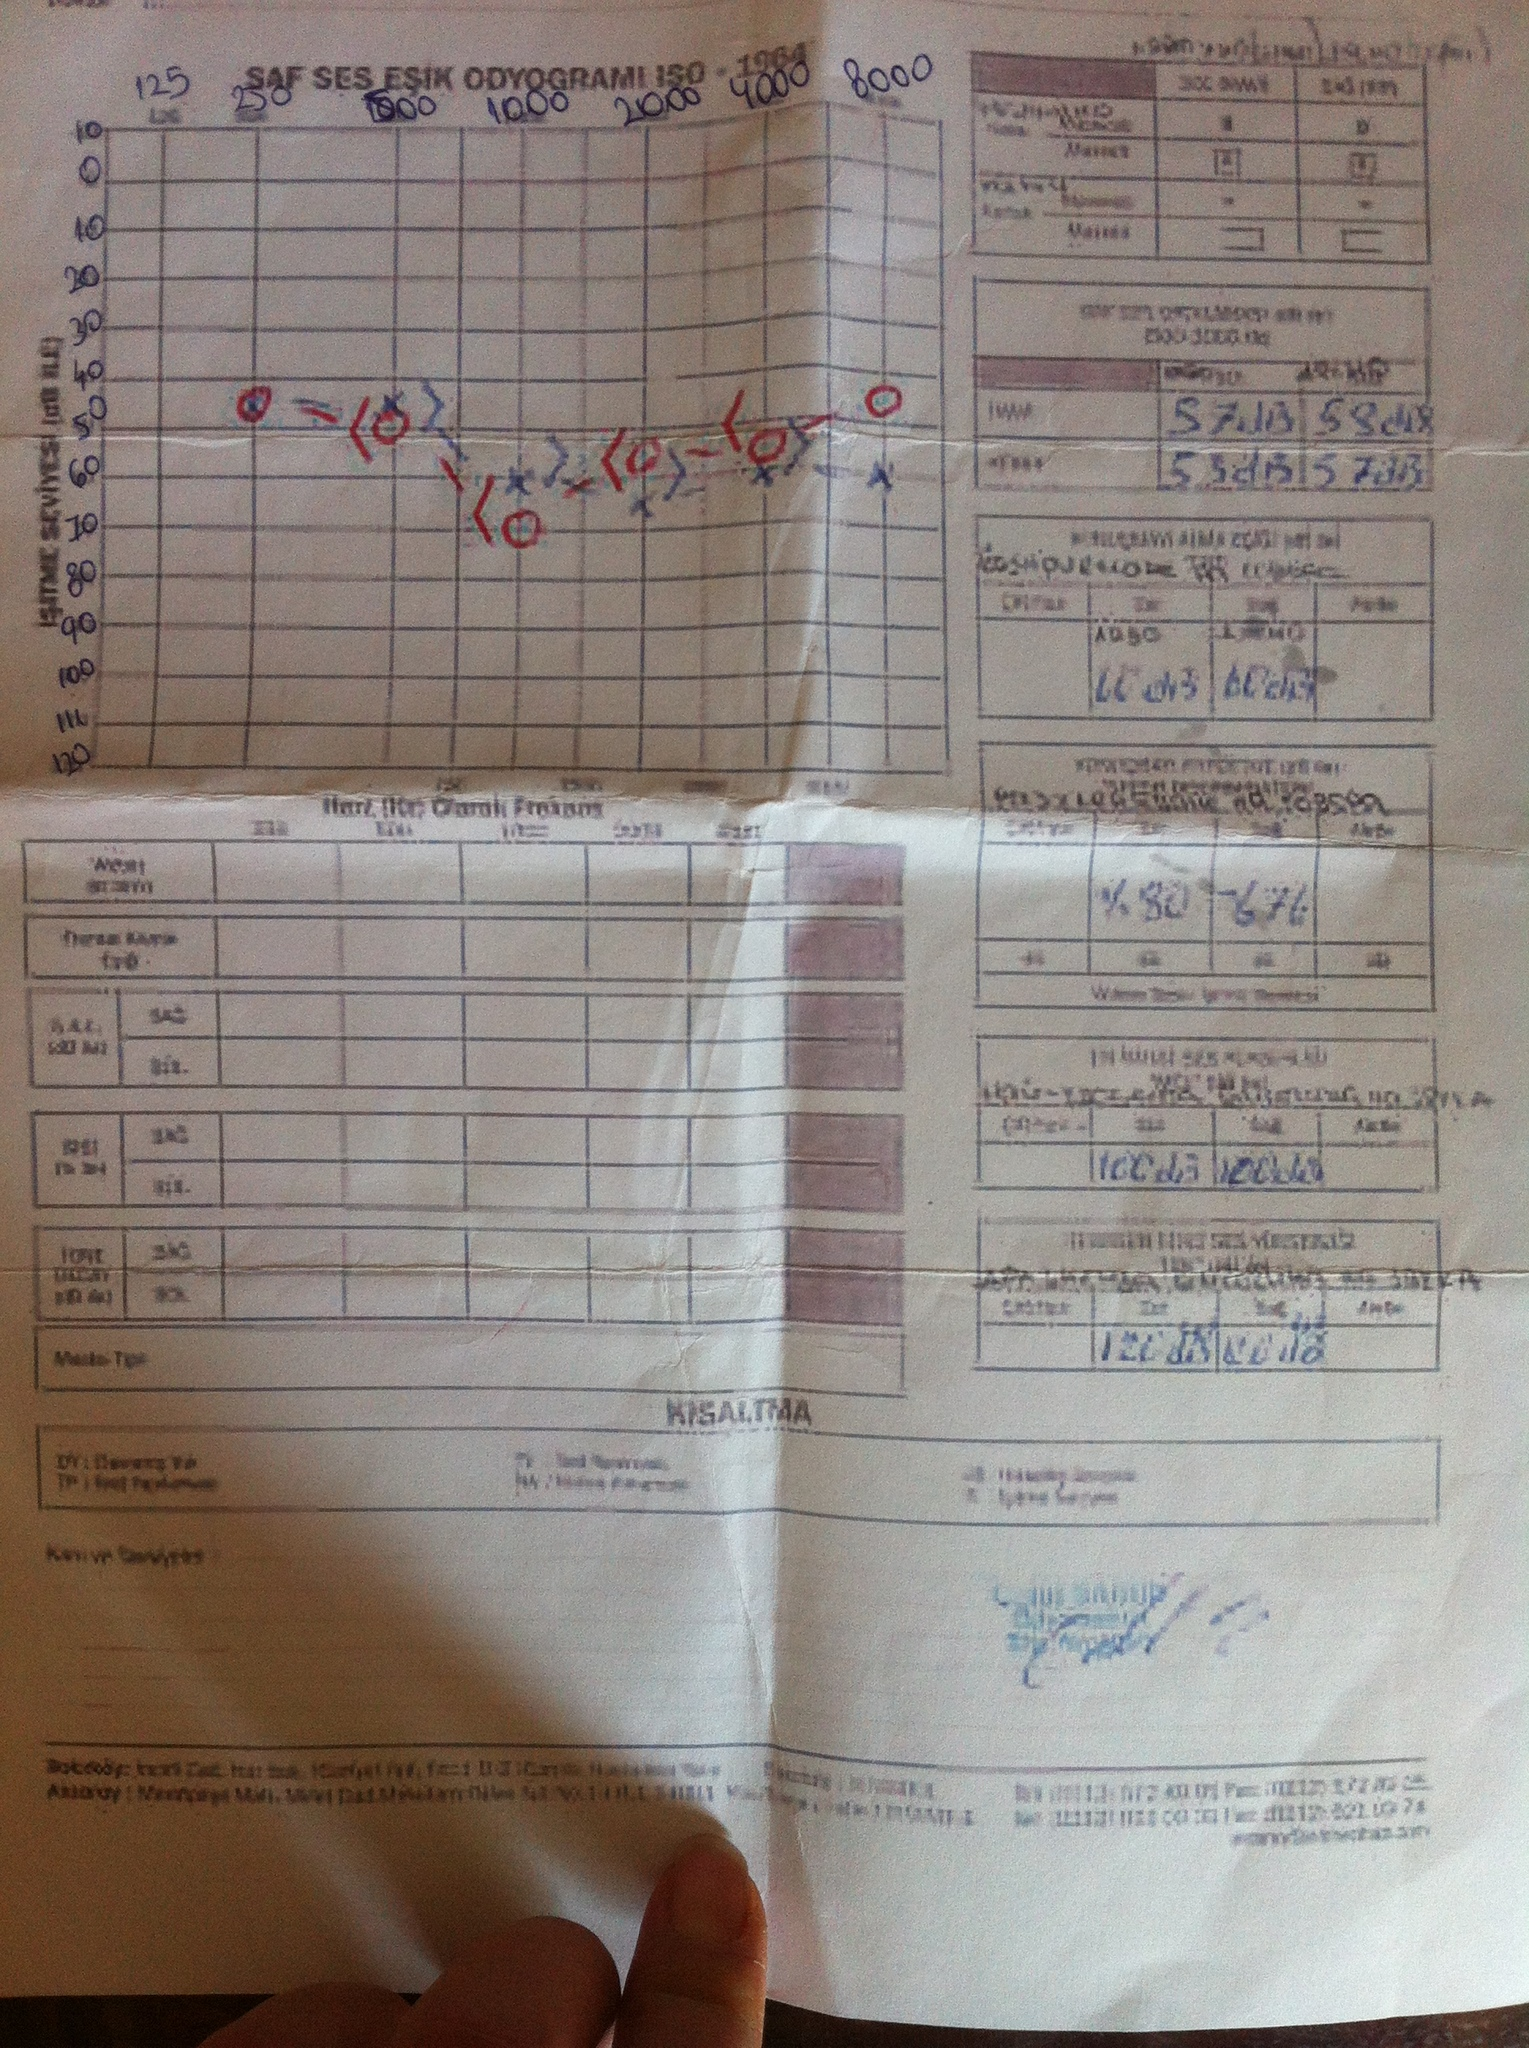 gkp0vb - İşitme testinden özür oranı hesaplanması